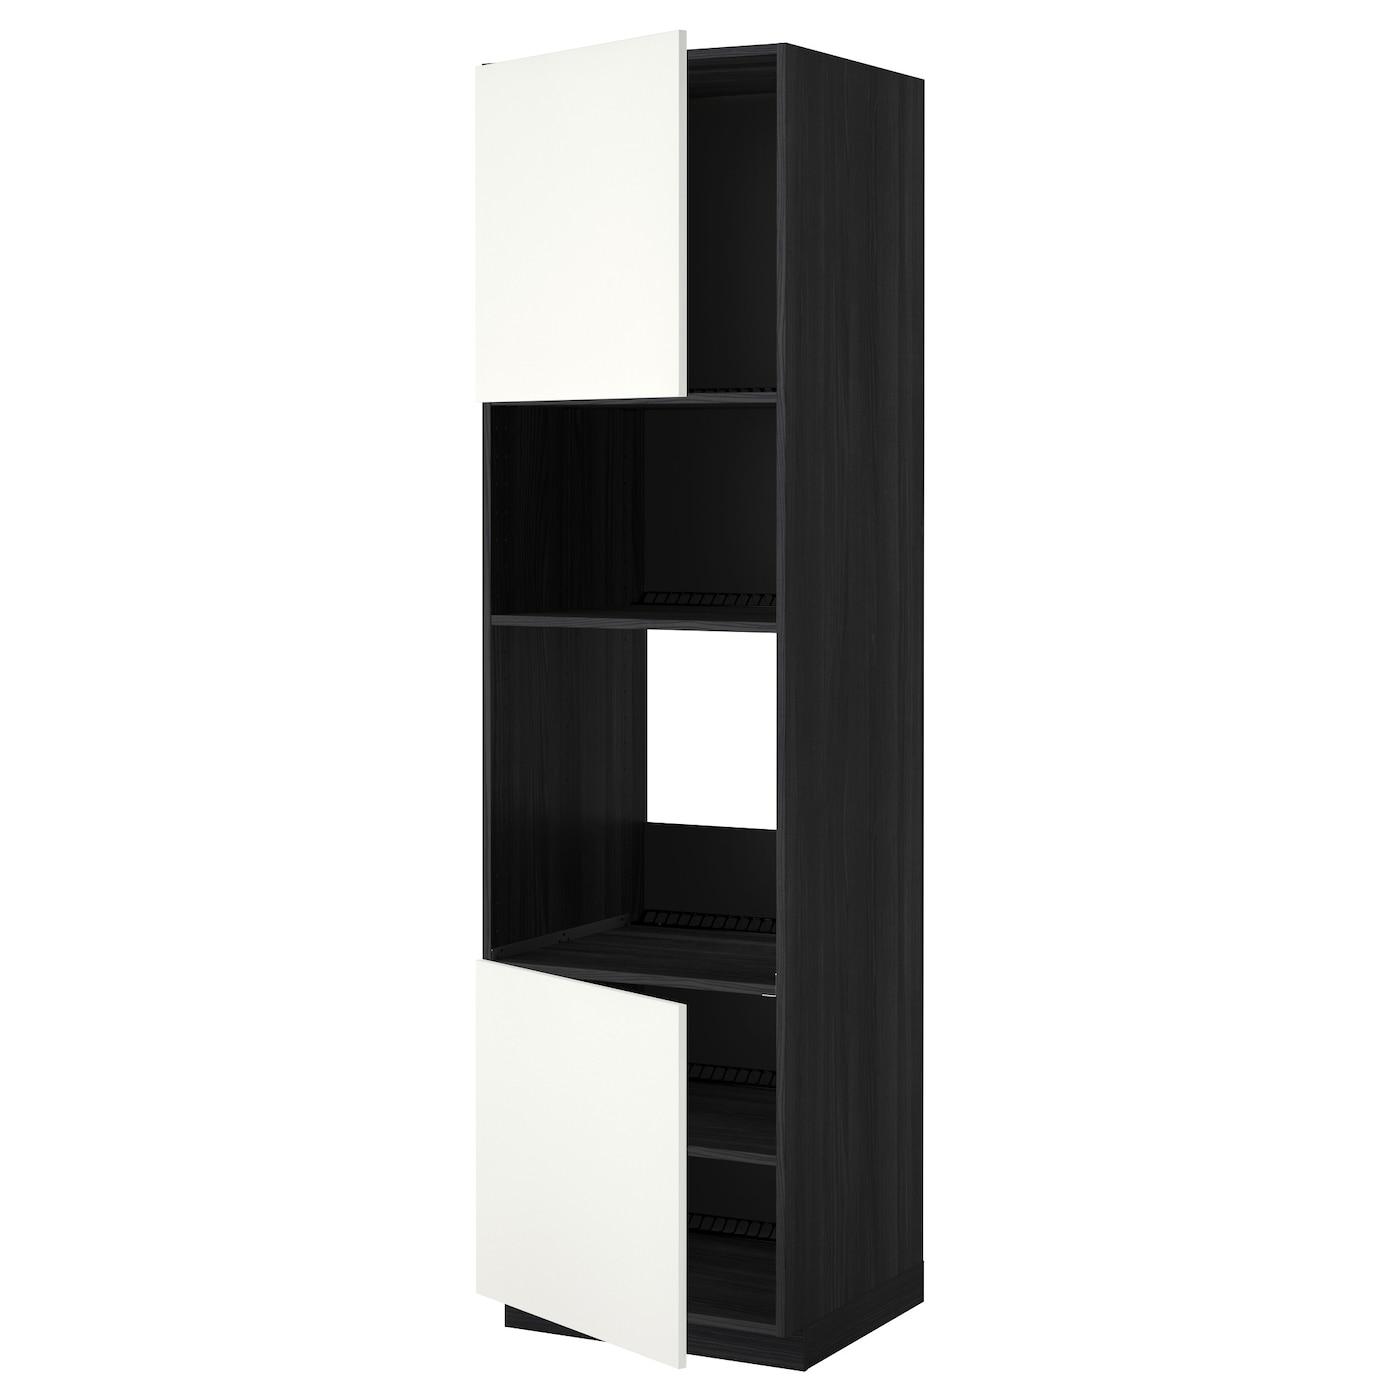 METOD, HS für Ofen/Mikro m 2 Türen/Böden, schwarz 990.279.20